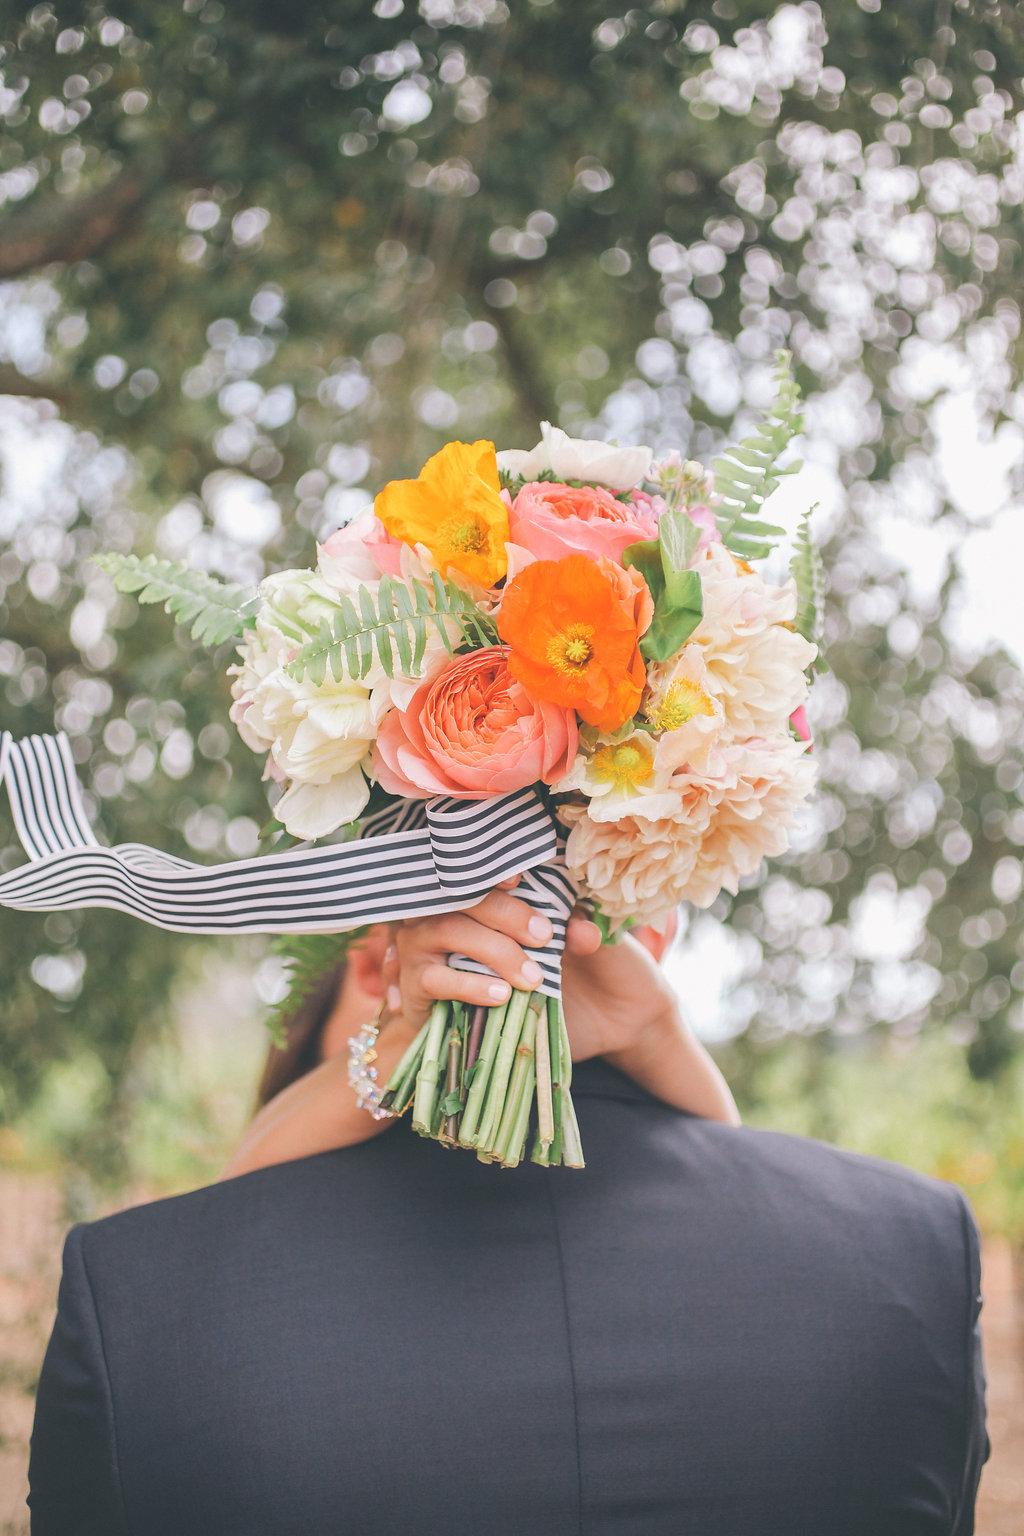 Kate Spade Inspired Wedding / Edyta Szyszlo Photography / Tango + Foxtrot Florals / Buzzworthy Events